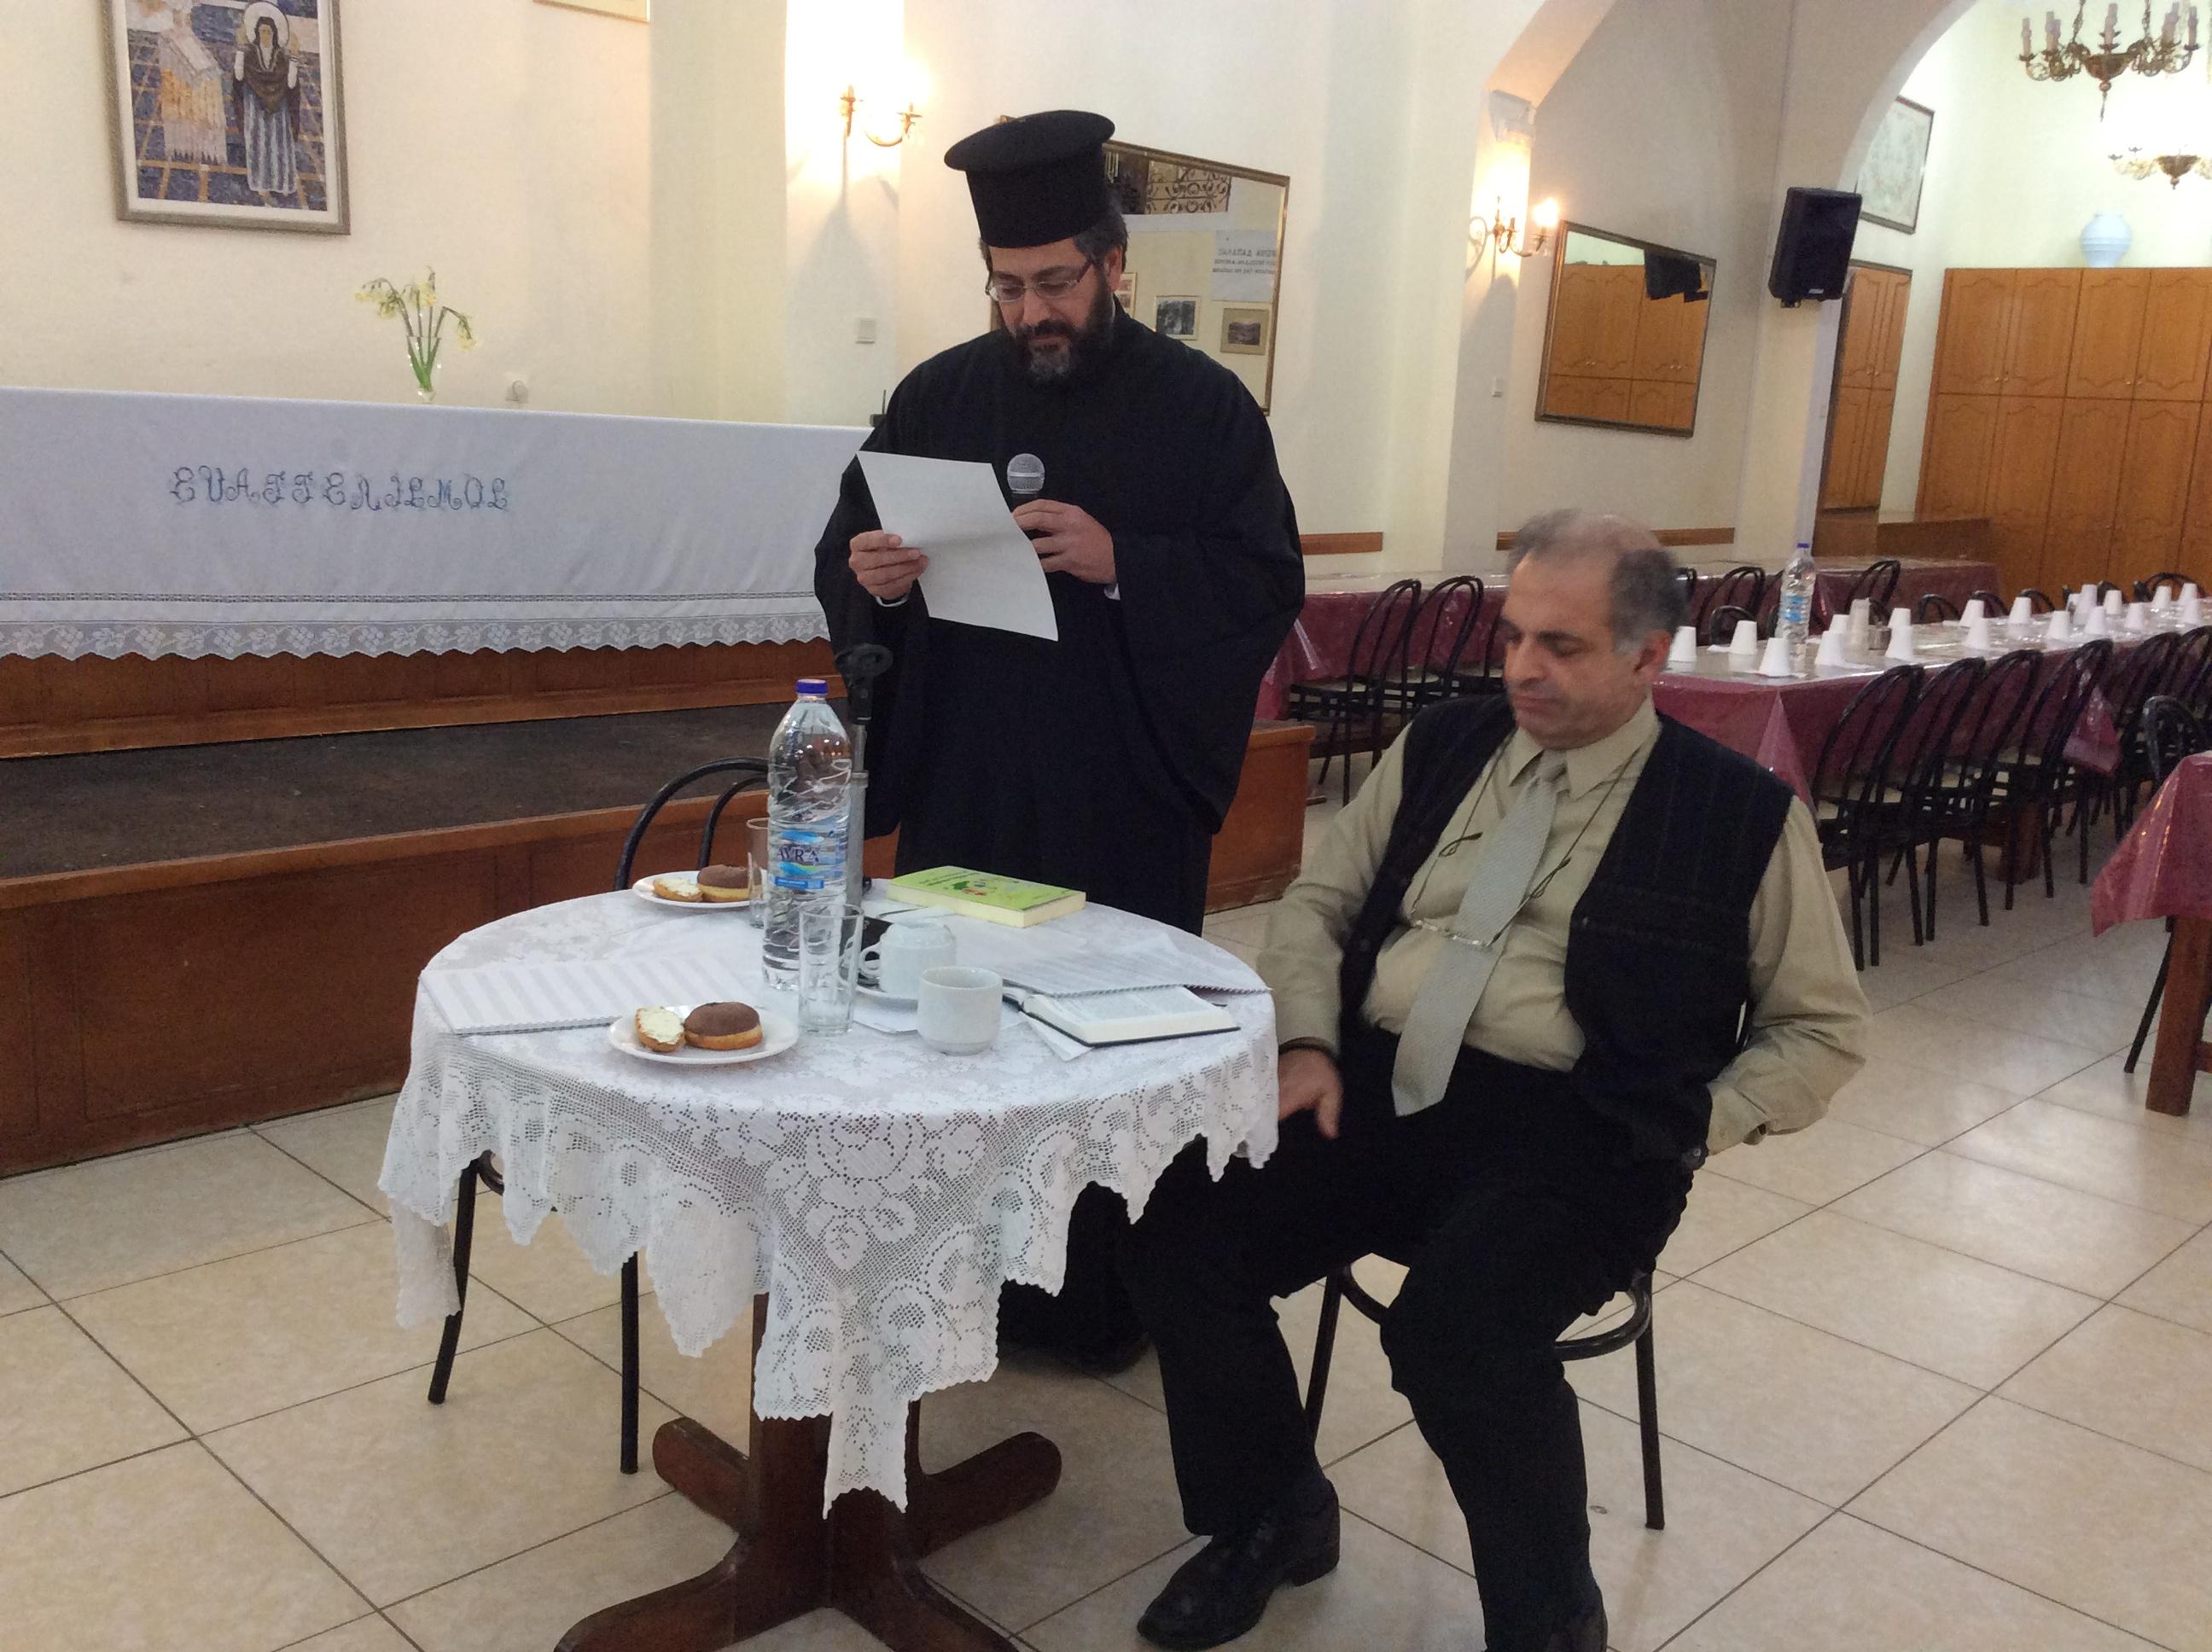 Σχολή Γονέων Ι. Μητροπόλεως Καρπάθου και Κάσου που έλαβε χώρα το Σάββατο 21 Φεβρουαρίου 2016 στο Εκκλησιαστικό Μέγαρο Ευαγγελιστρίας Καρπάθου